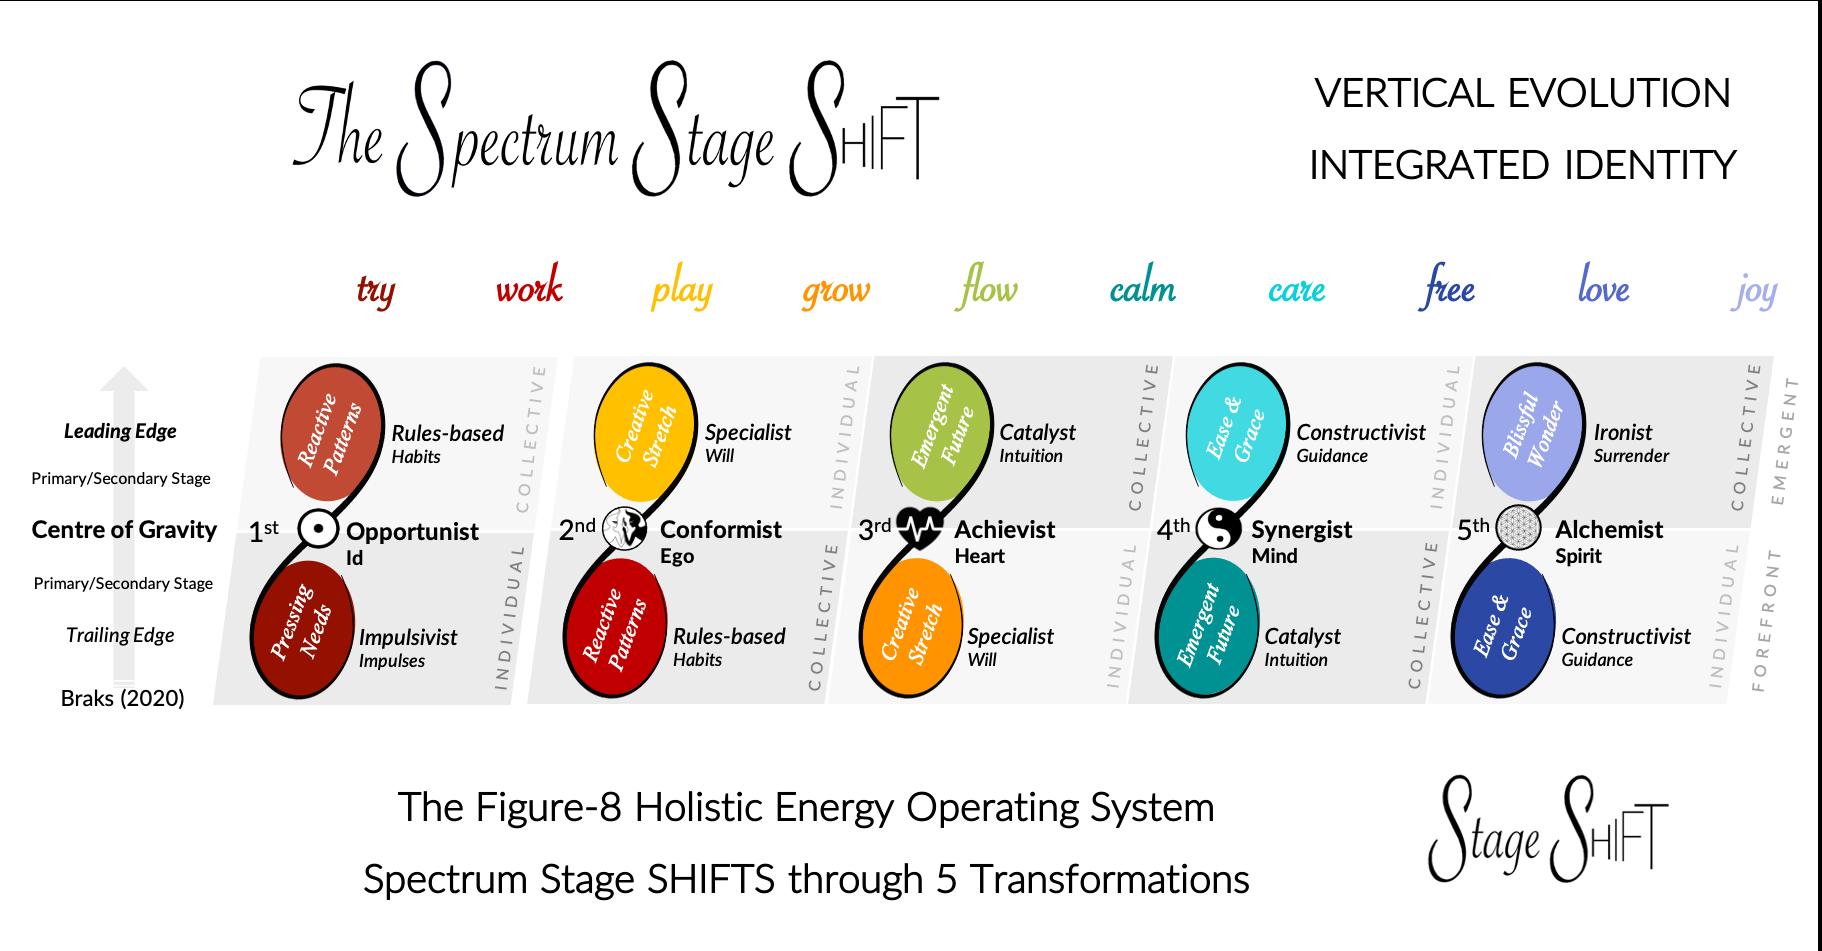 Spectrum Stage Shift